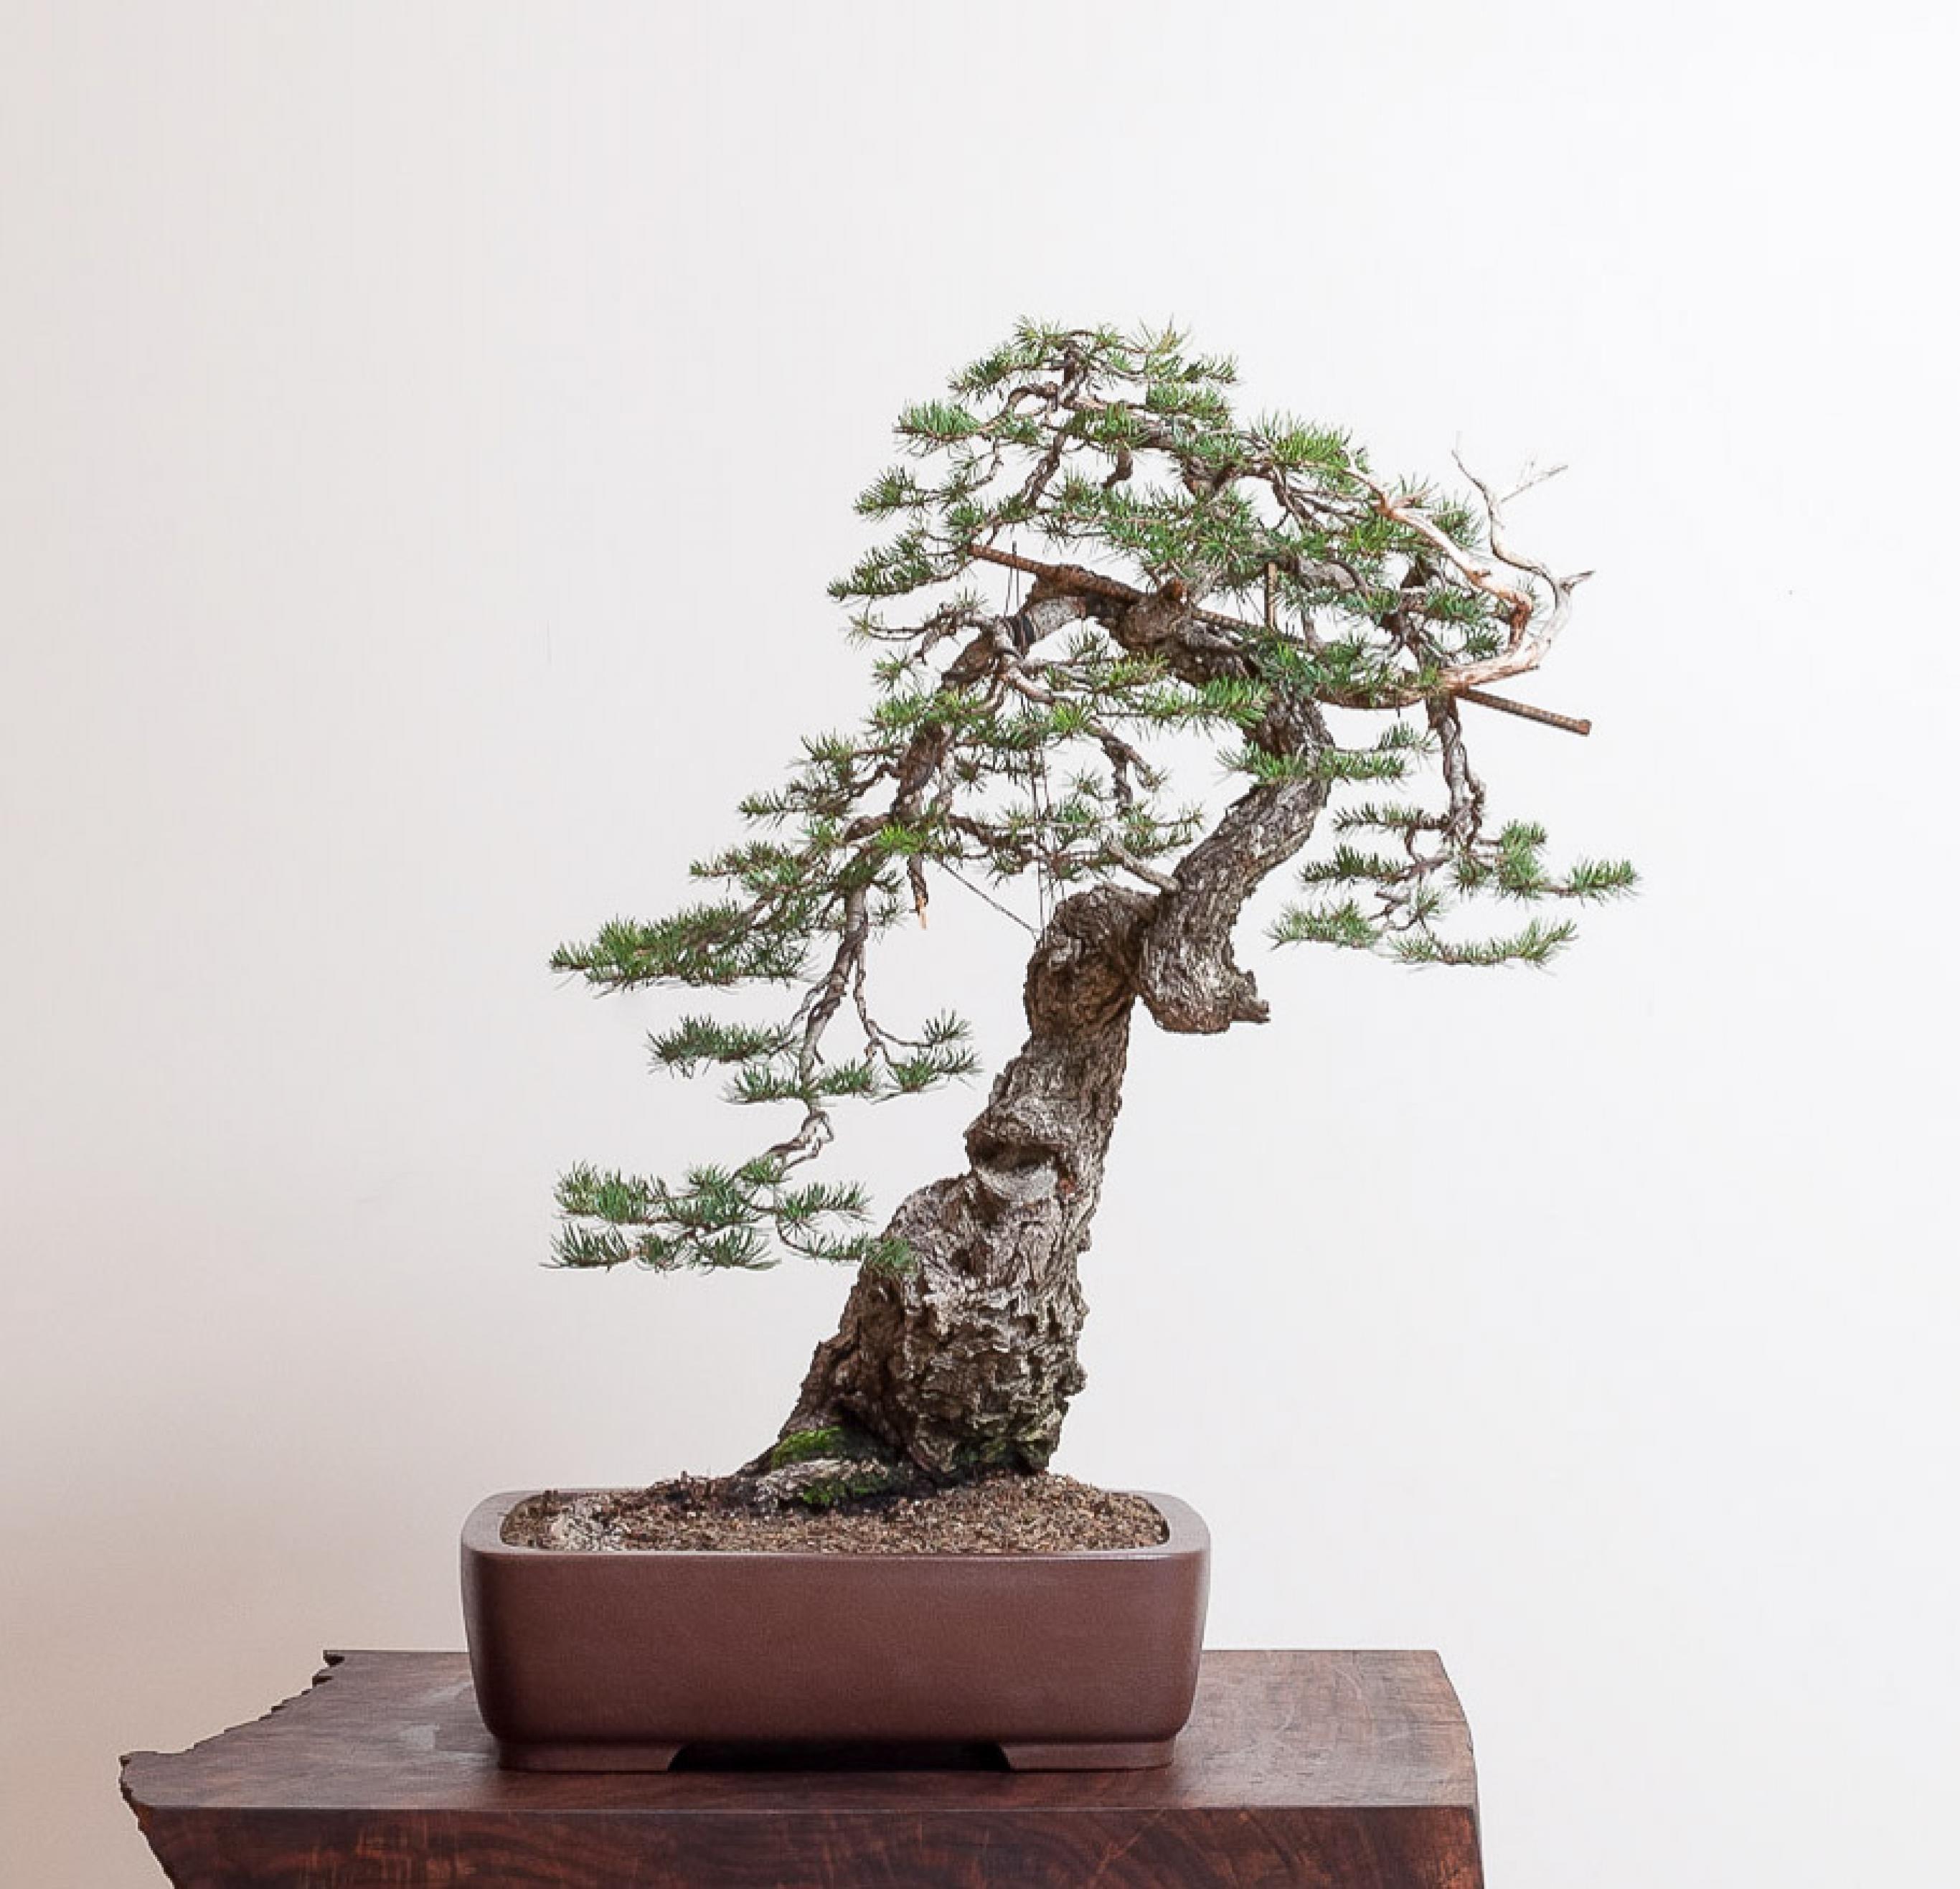 Douglas Fir No 9 Bonsai Tree Types Bonsai Bonsai Plants